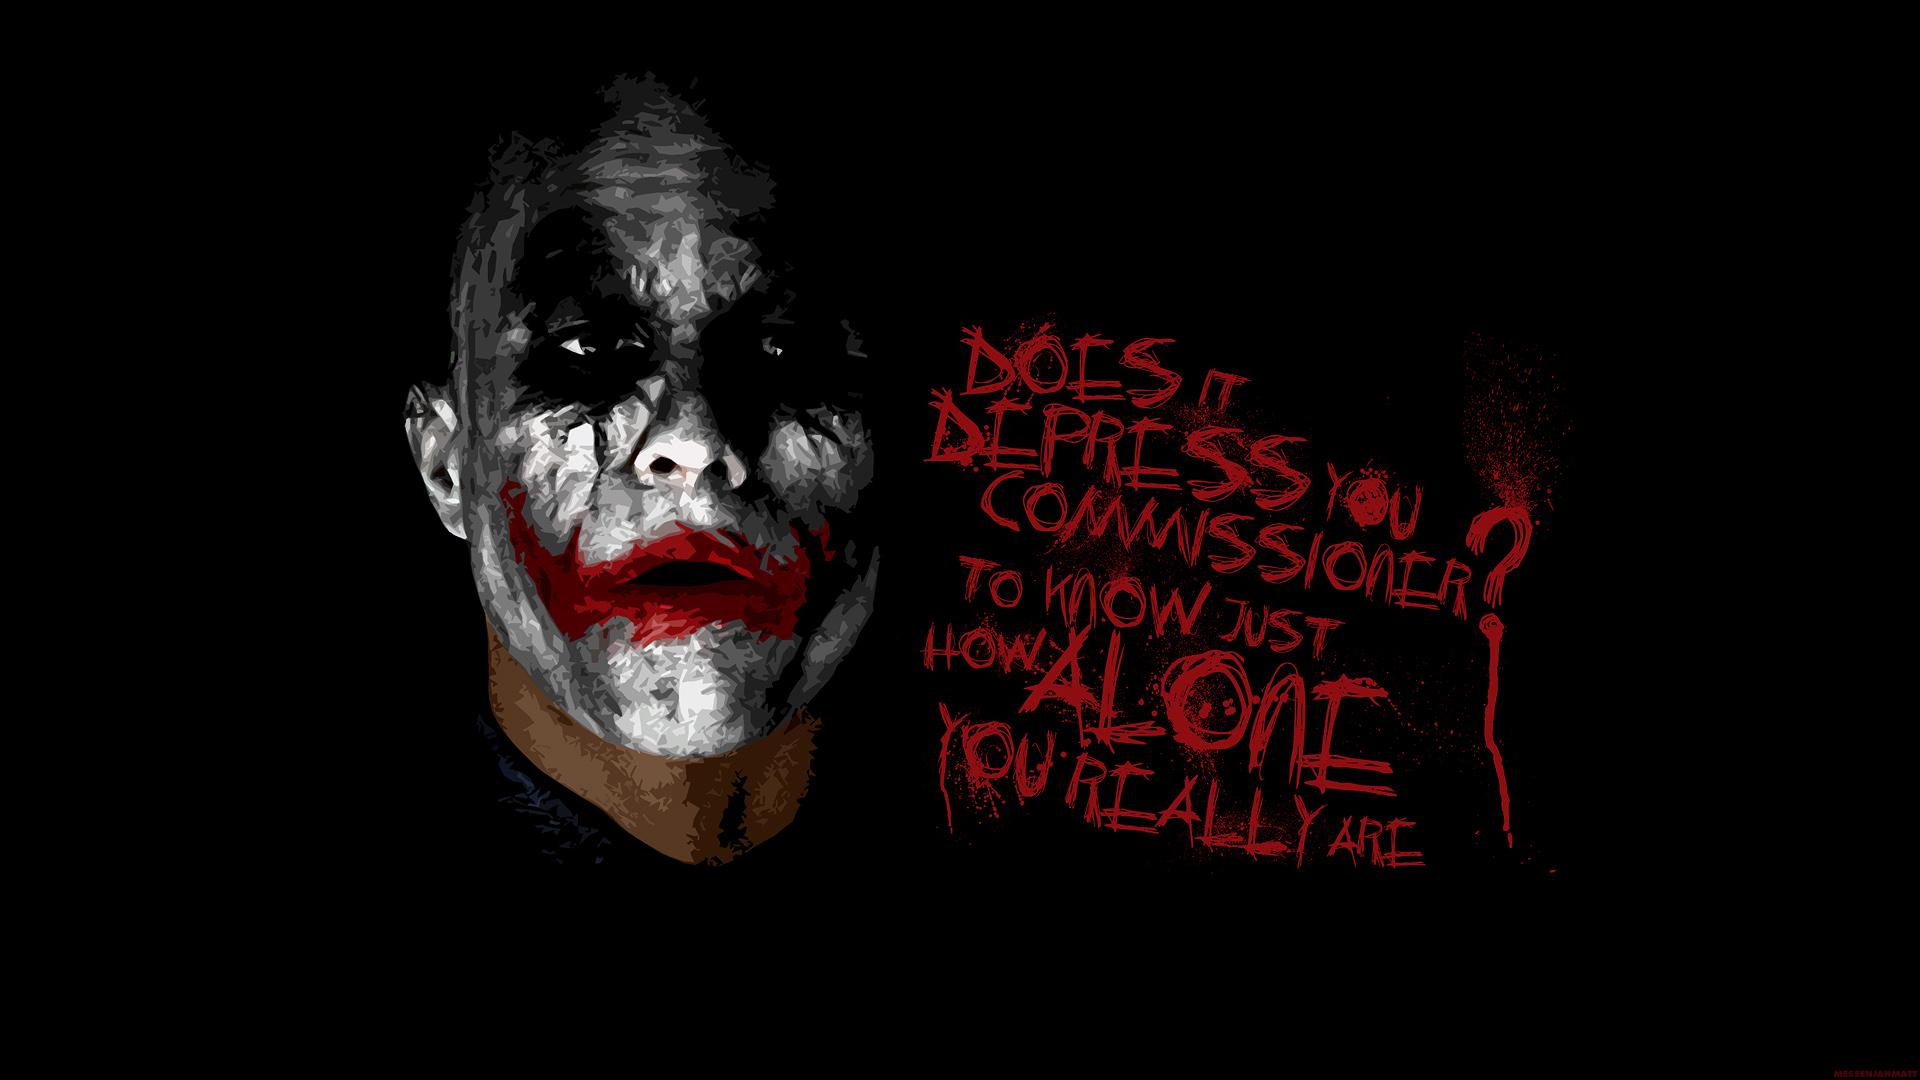 Hd wallpaper joker - Movie Wallpapers Joker Hd Wallpapers Batman Movie Wallpapers Joker